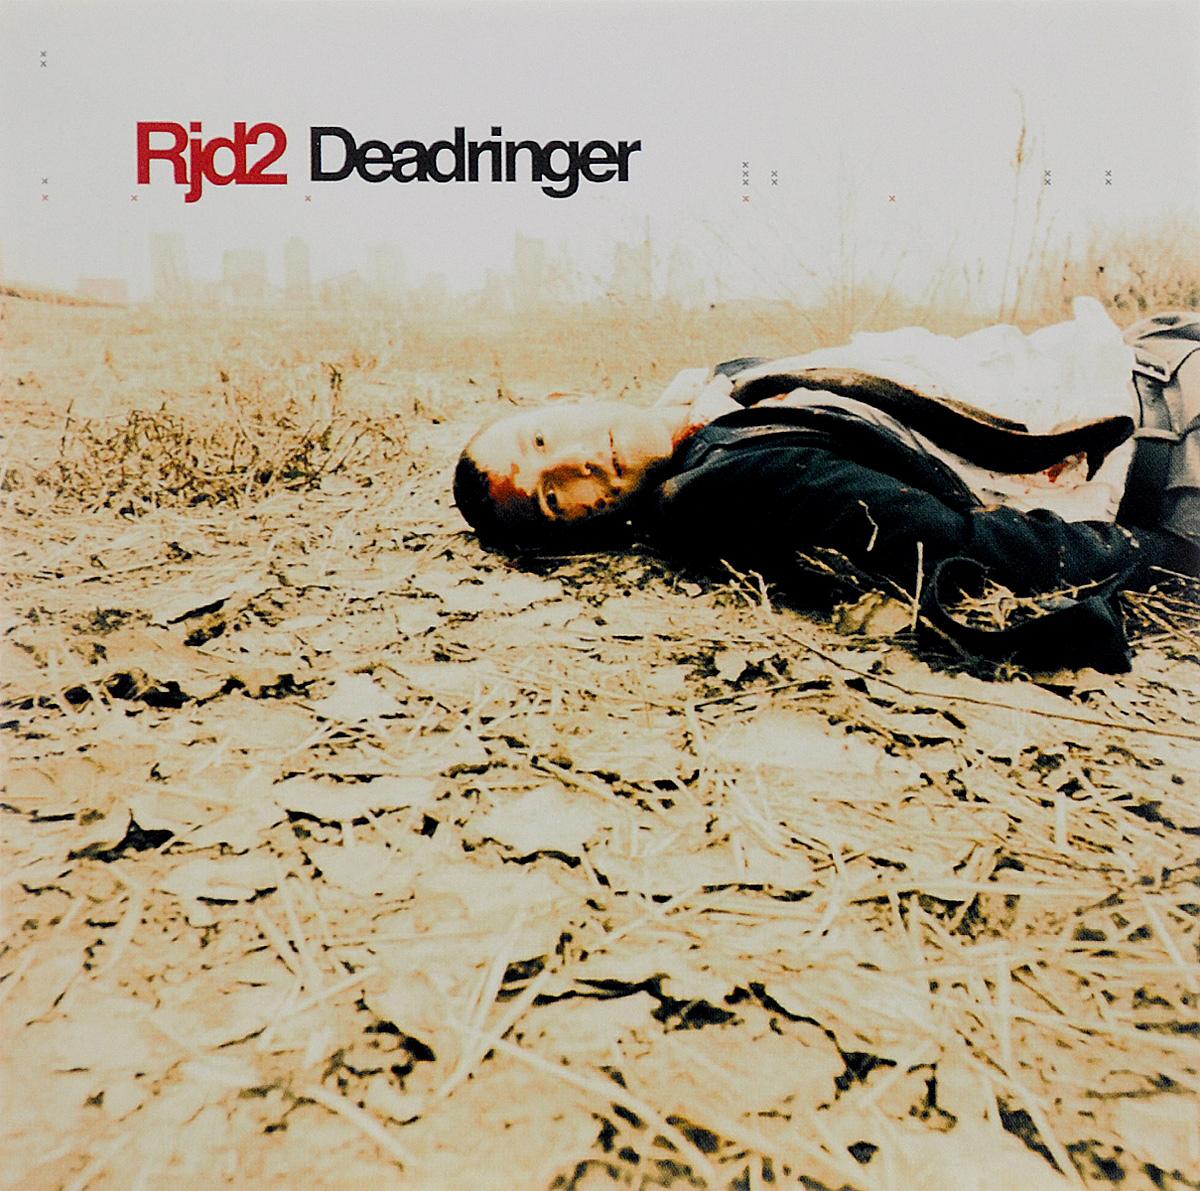 RJD2 RJD2. Deadringer rjd2 rjd2 deadringer